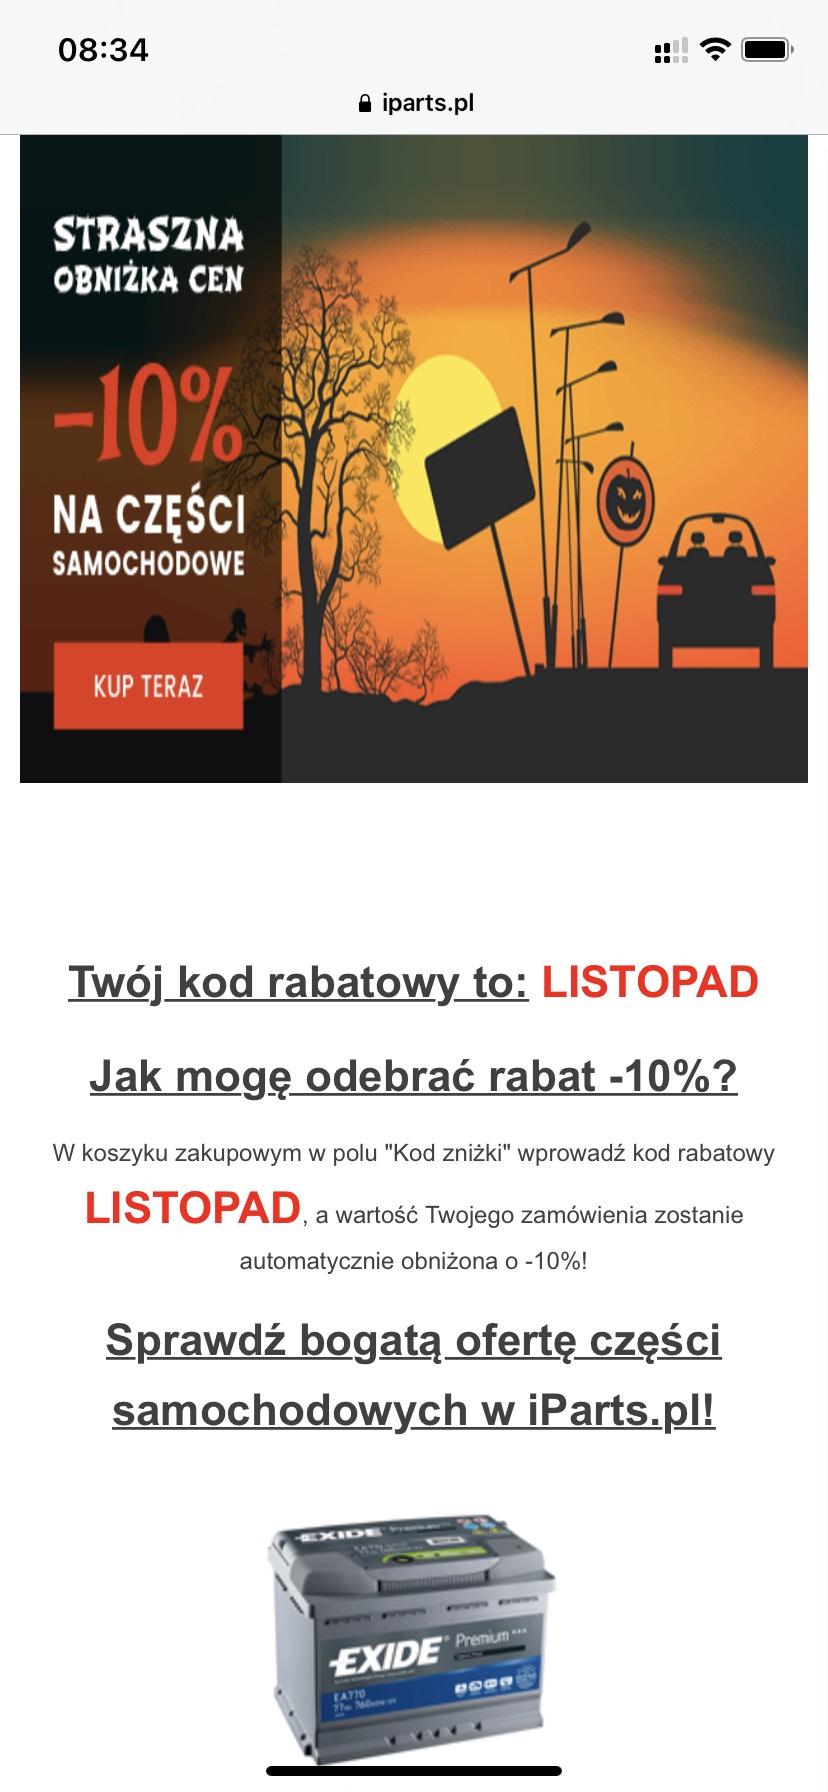 10% zniżki na części w iparts.pl MWZ 249zł